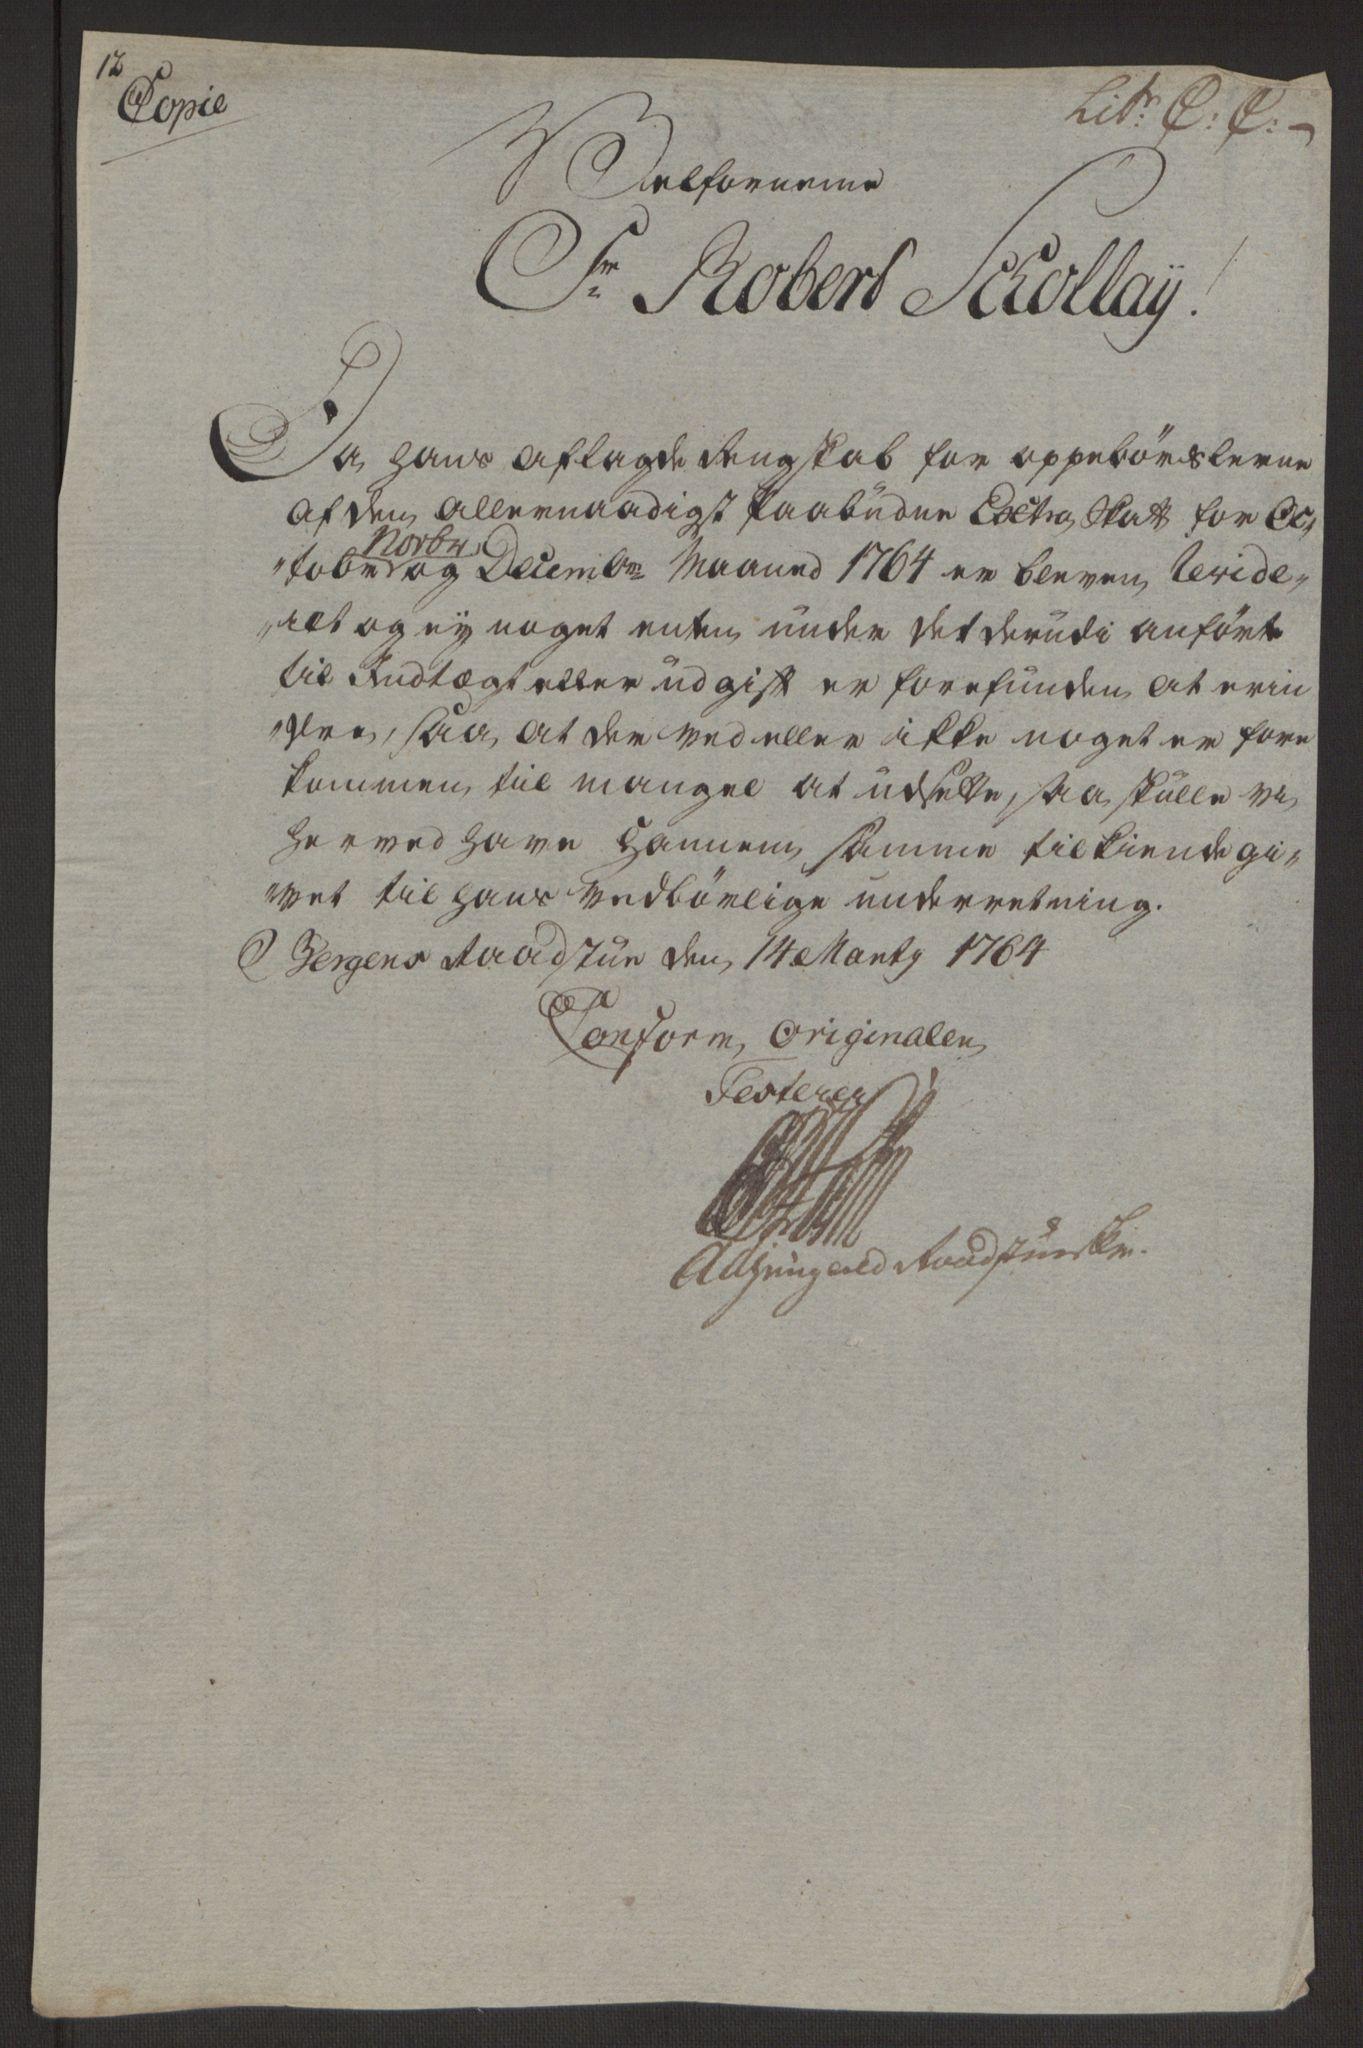 RA, Rentekammeret inntil 1814, Reviderte regnskaper, Byregnskaper, R/Rp/L0367: [P21] Kontribusjonsregnskap, 1764, s. 164